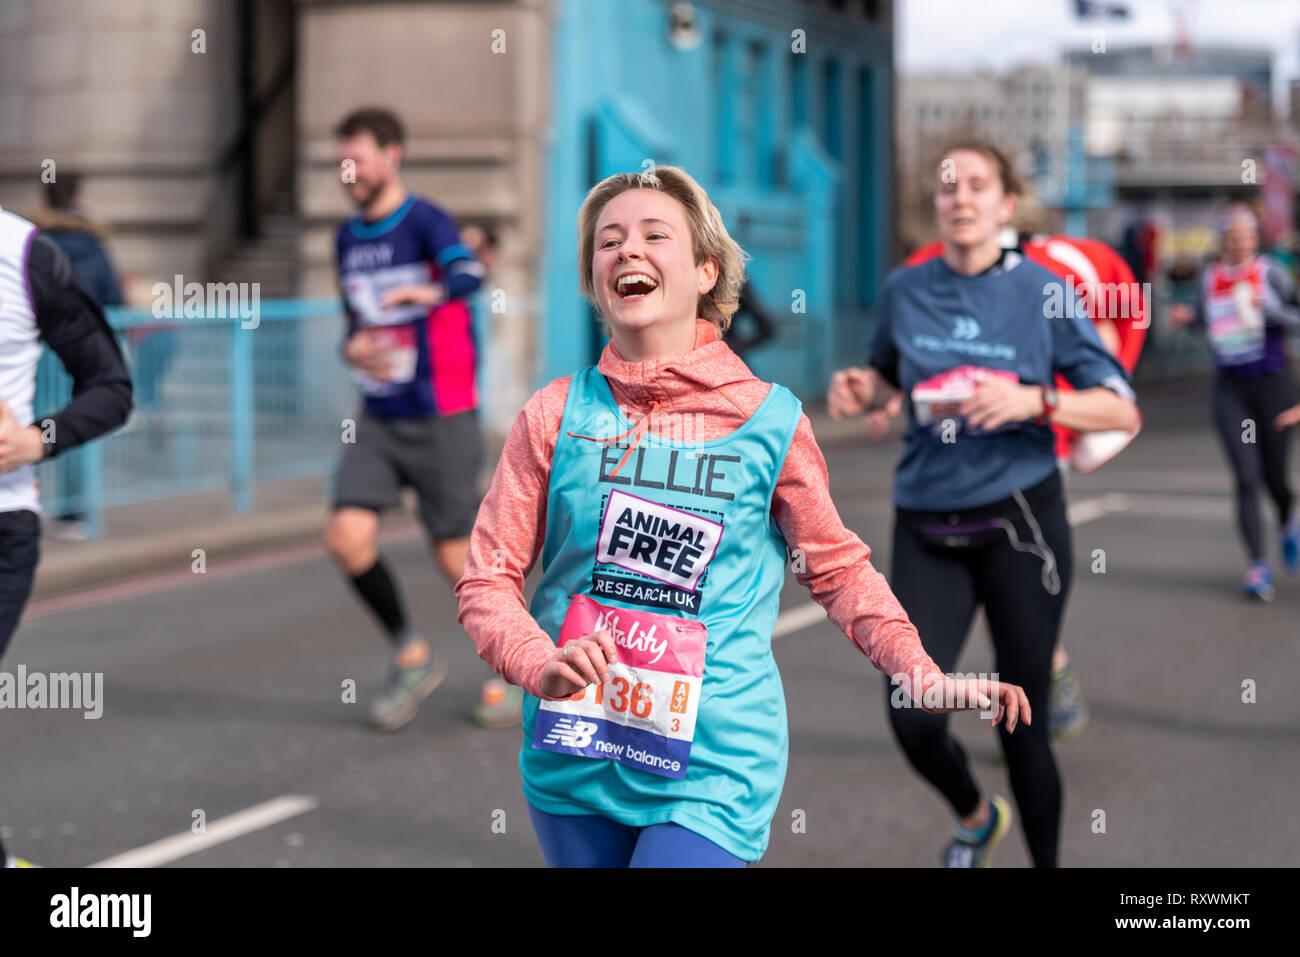 Ellie Hale s'exécutant dans la vitalité demi demi marathon traversant le Tower Bridge, Londres, Royaume-Uni. La recherche de l'animal la charité. Fun runner Banque D'Images